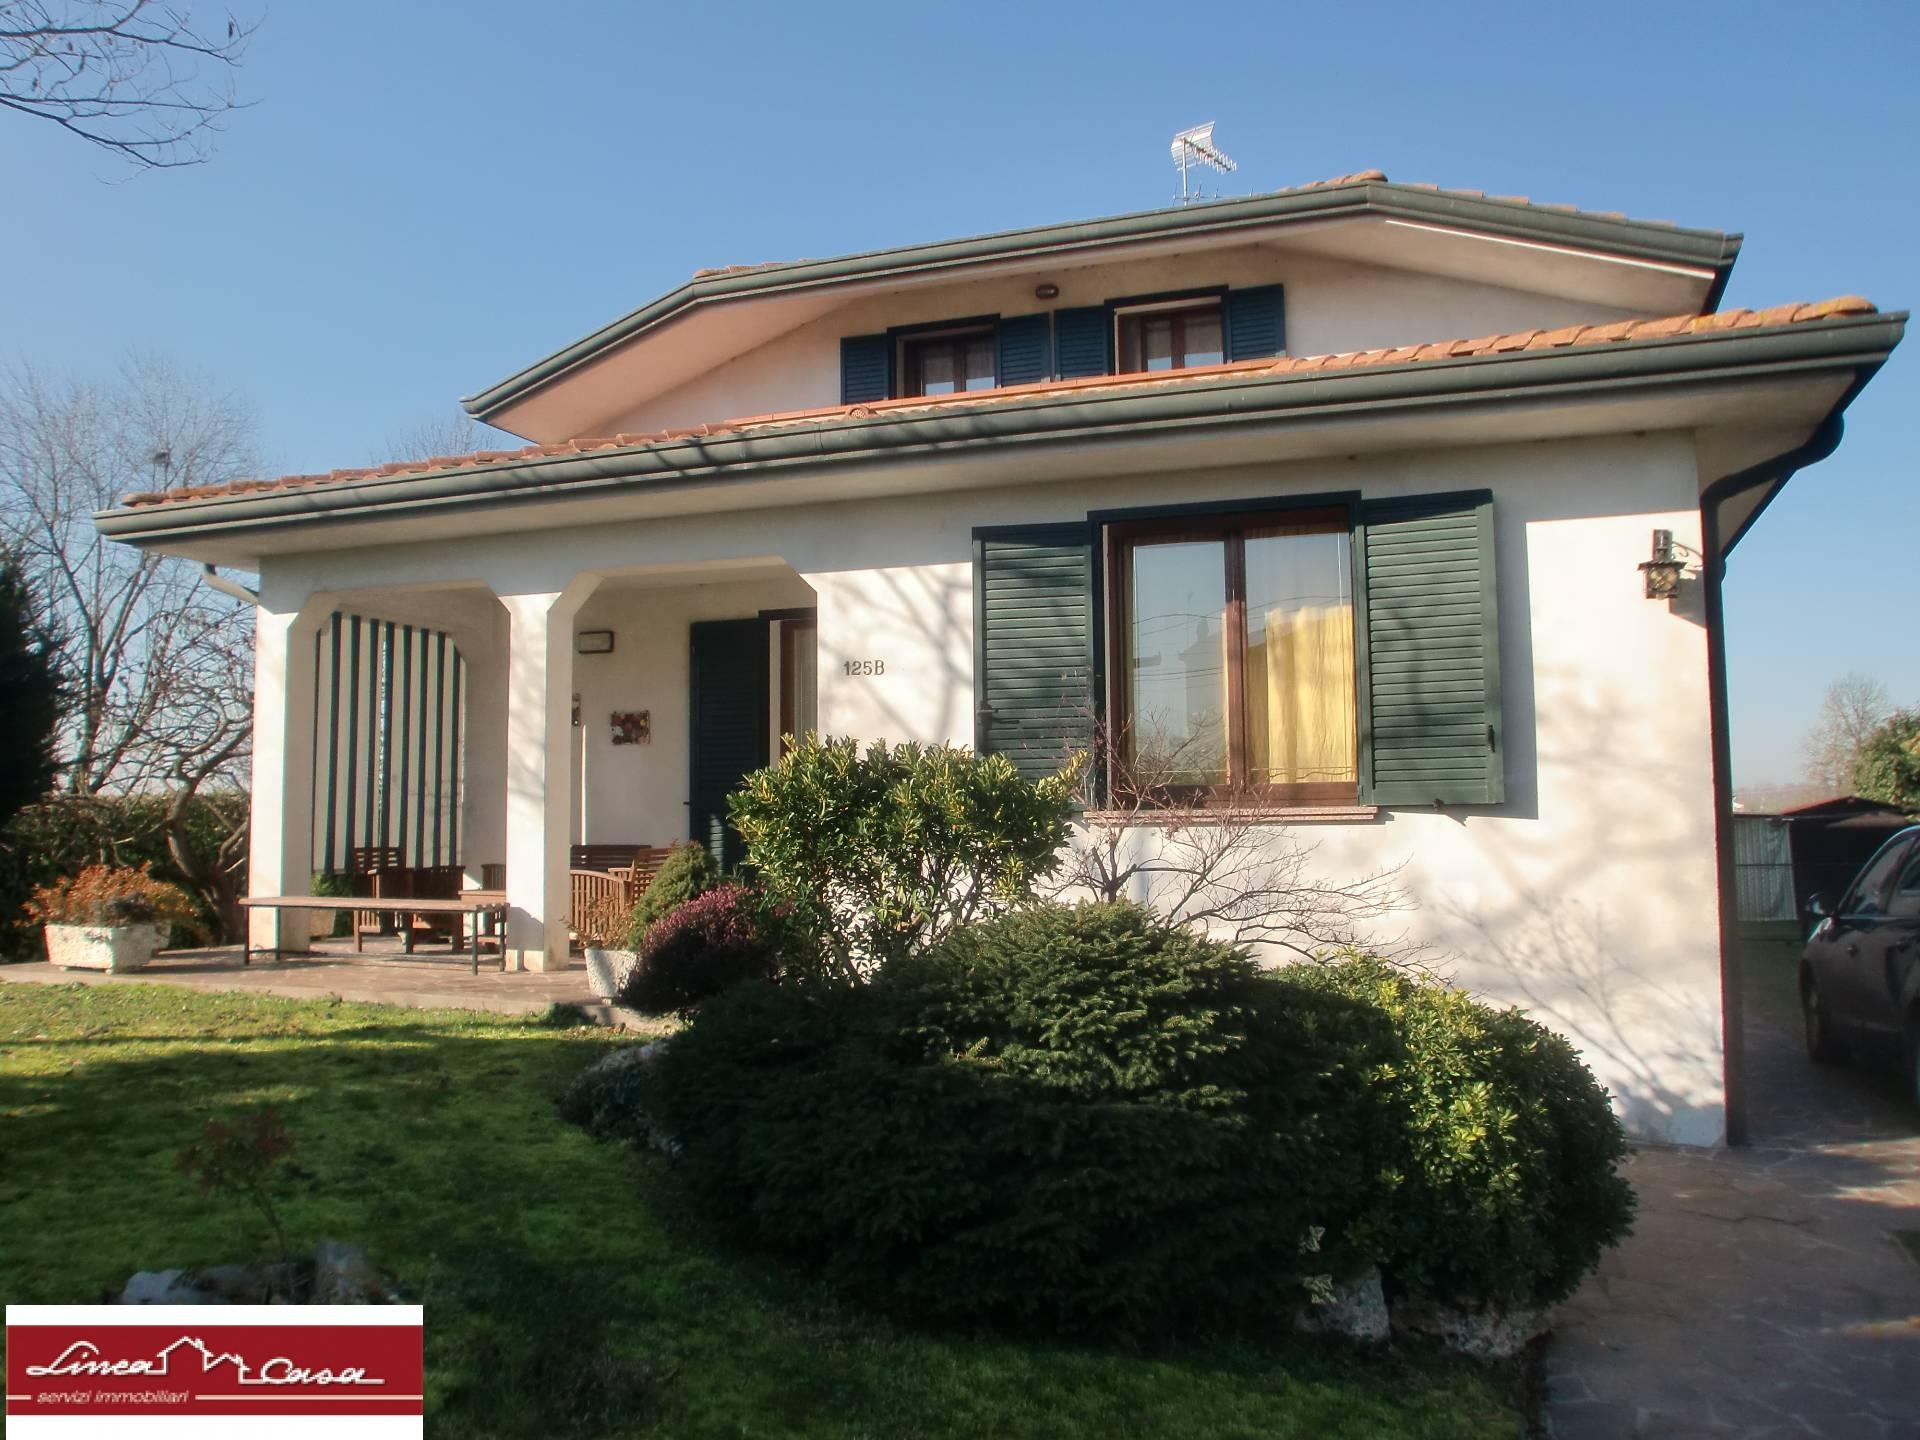 Casa indipendente in vendita a ferrara cod lcf1071 for Case in vendita